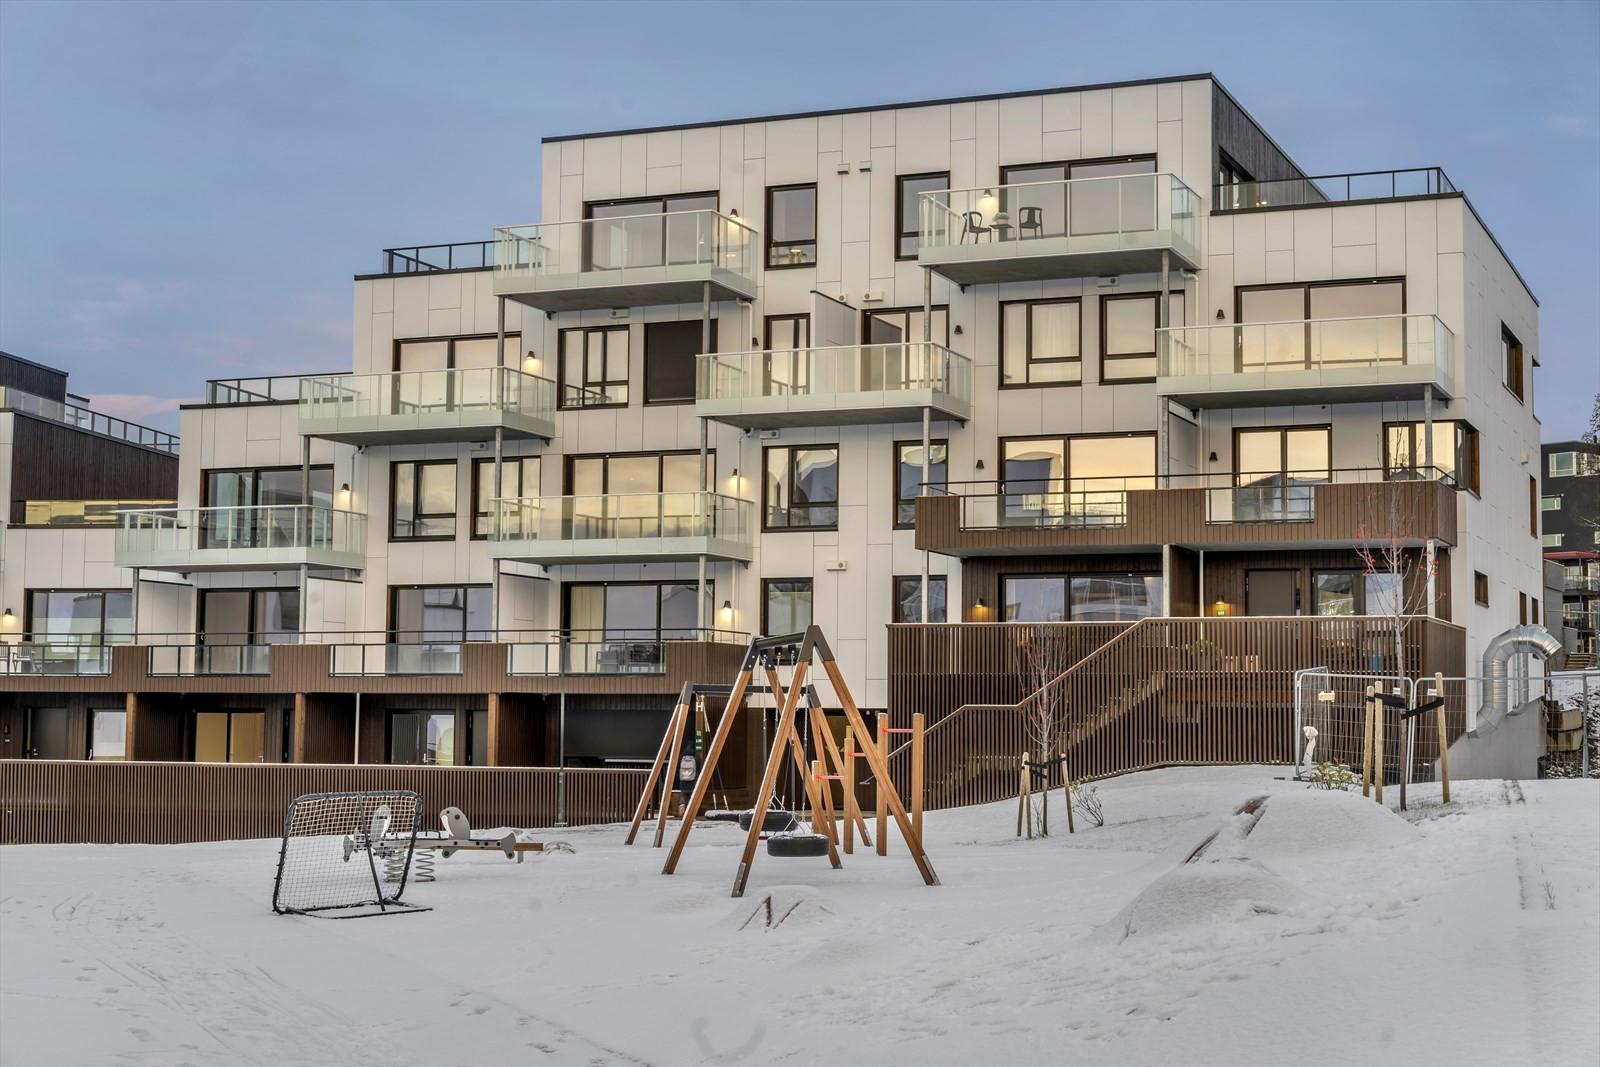 Leiligheten ligger øverst til høyre med stor sydvendt terrasse